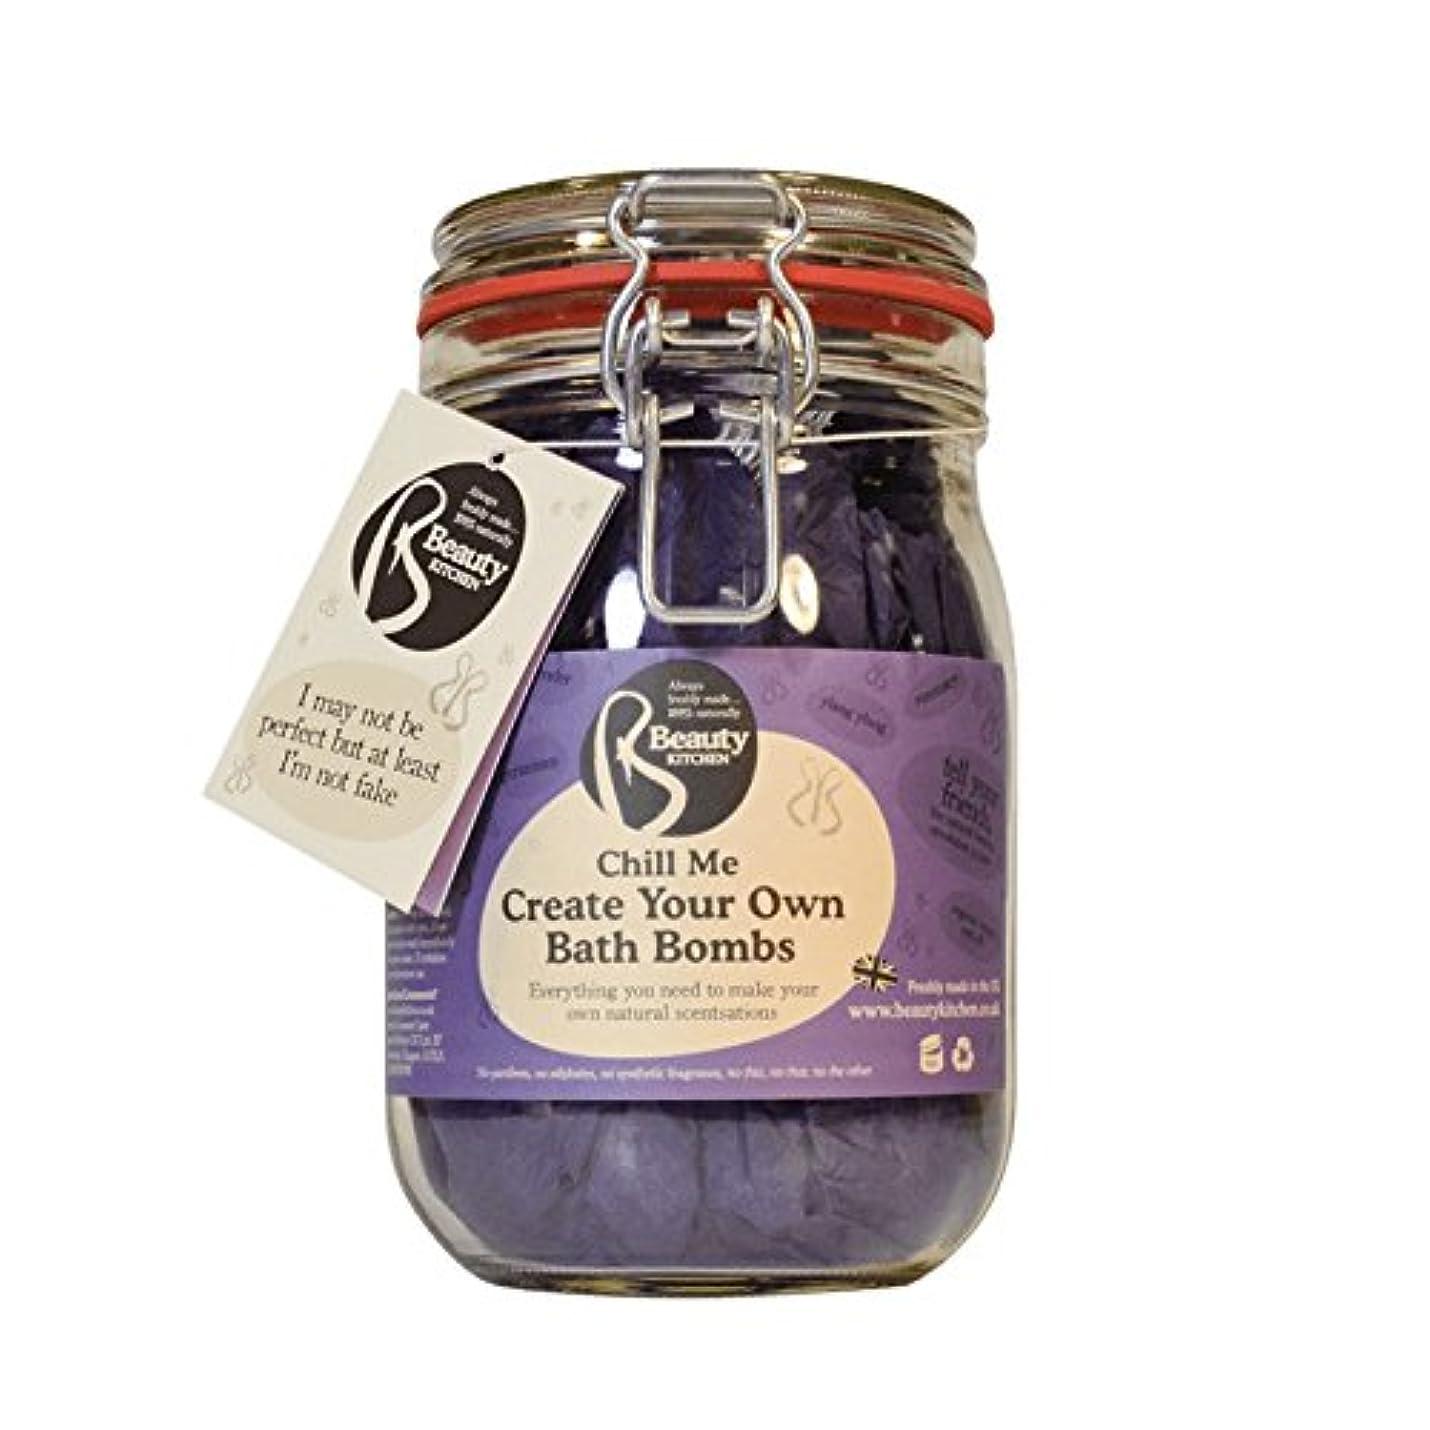 ピーブライターアメリカBeauty Kitchen Chill Me Create Your Own Bath Bomb Kit (Pack of 2) - 美しさのキッチンは私が自分自身の風呂爆弾キットを作成して冷やします (x2) [並行輸入品]